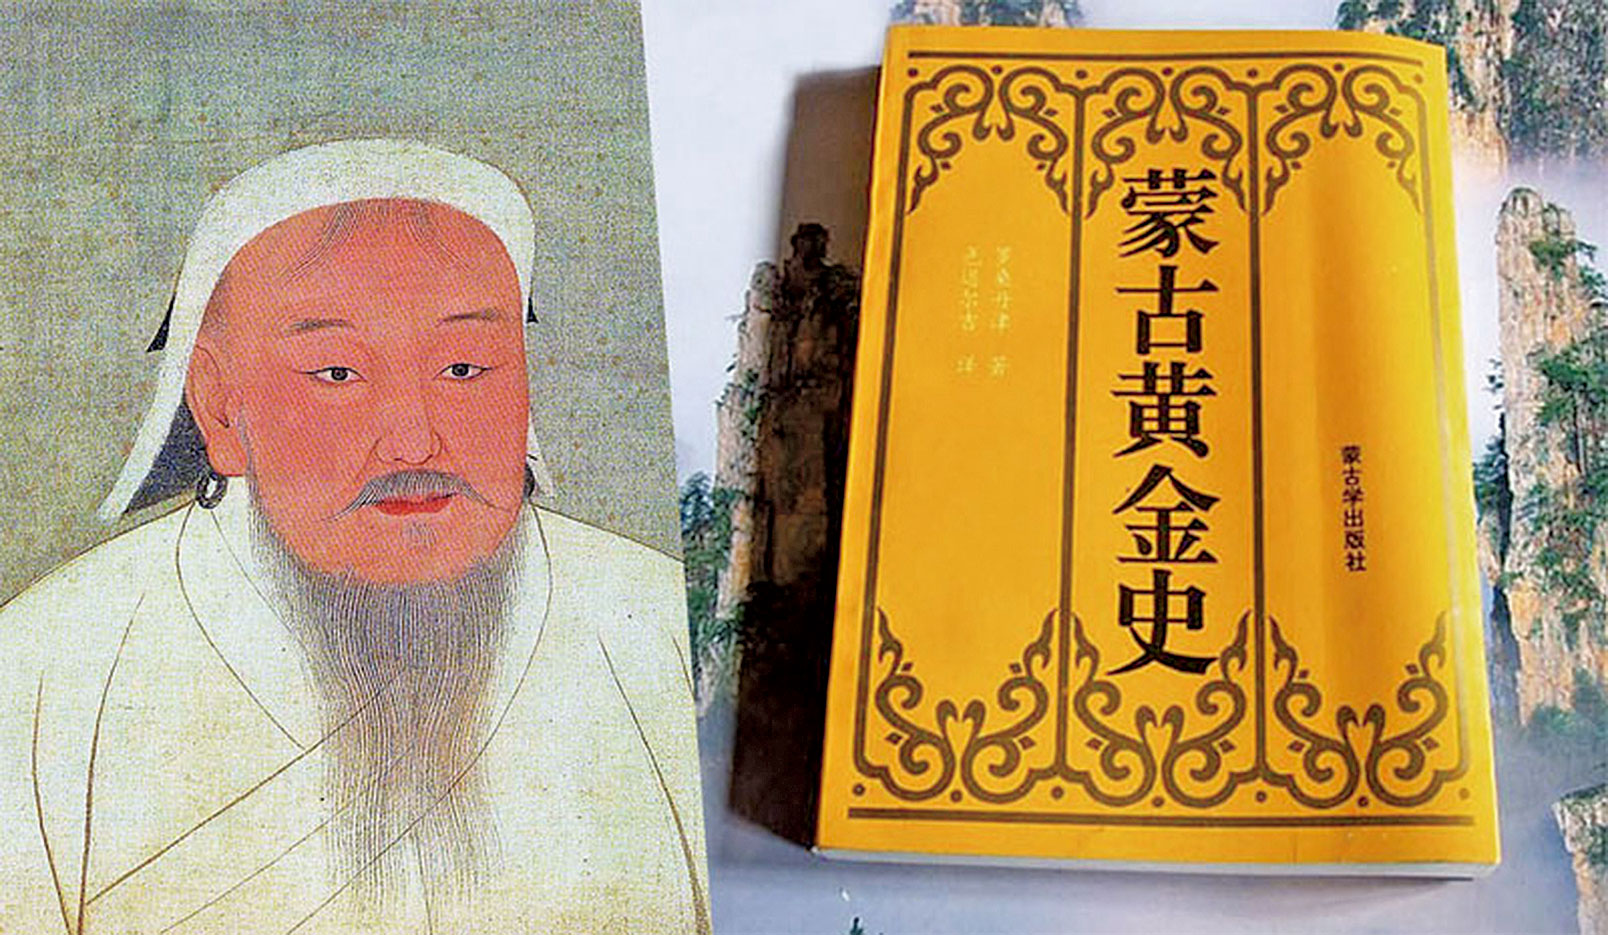 圖為成吉思汗畫像與《蒙古黃金史》翻譯本。(大紀元合成圖)